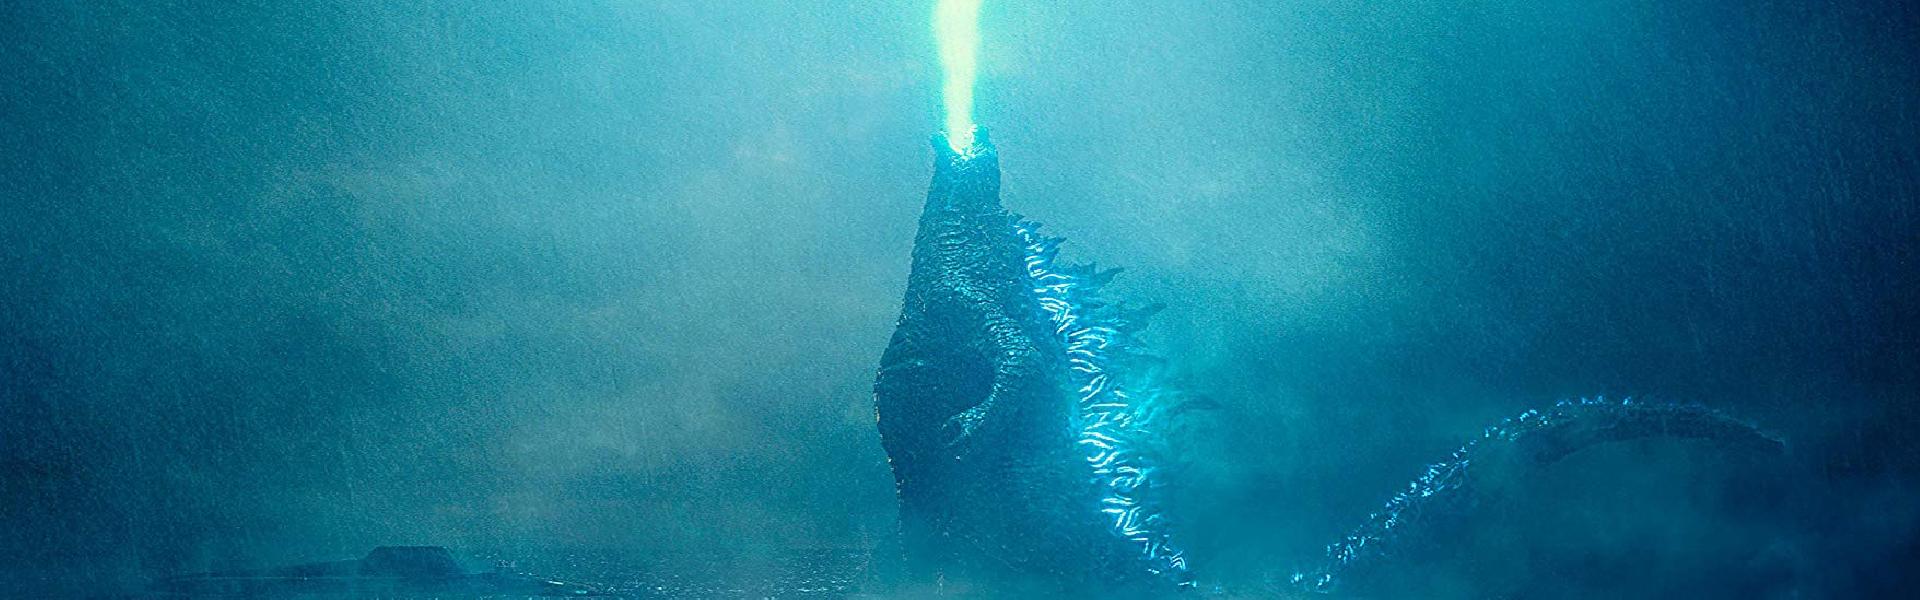 Godzilla II: Król potworów 3D <span>(dubbing)</span>